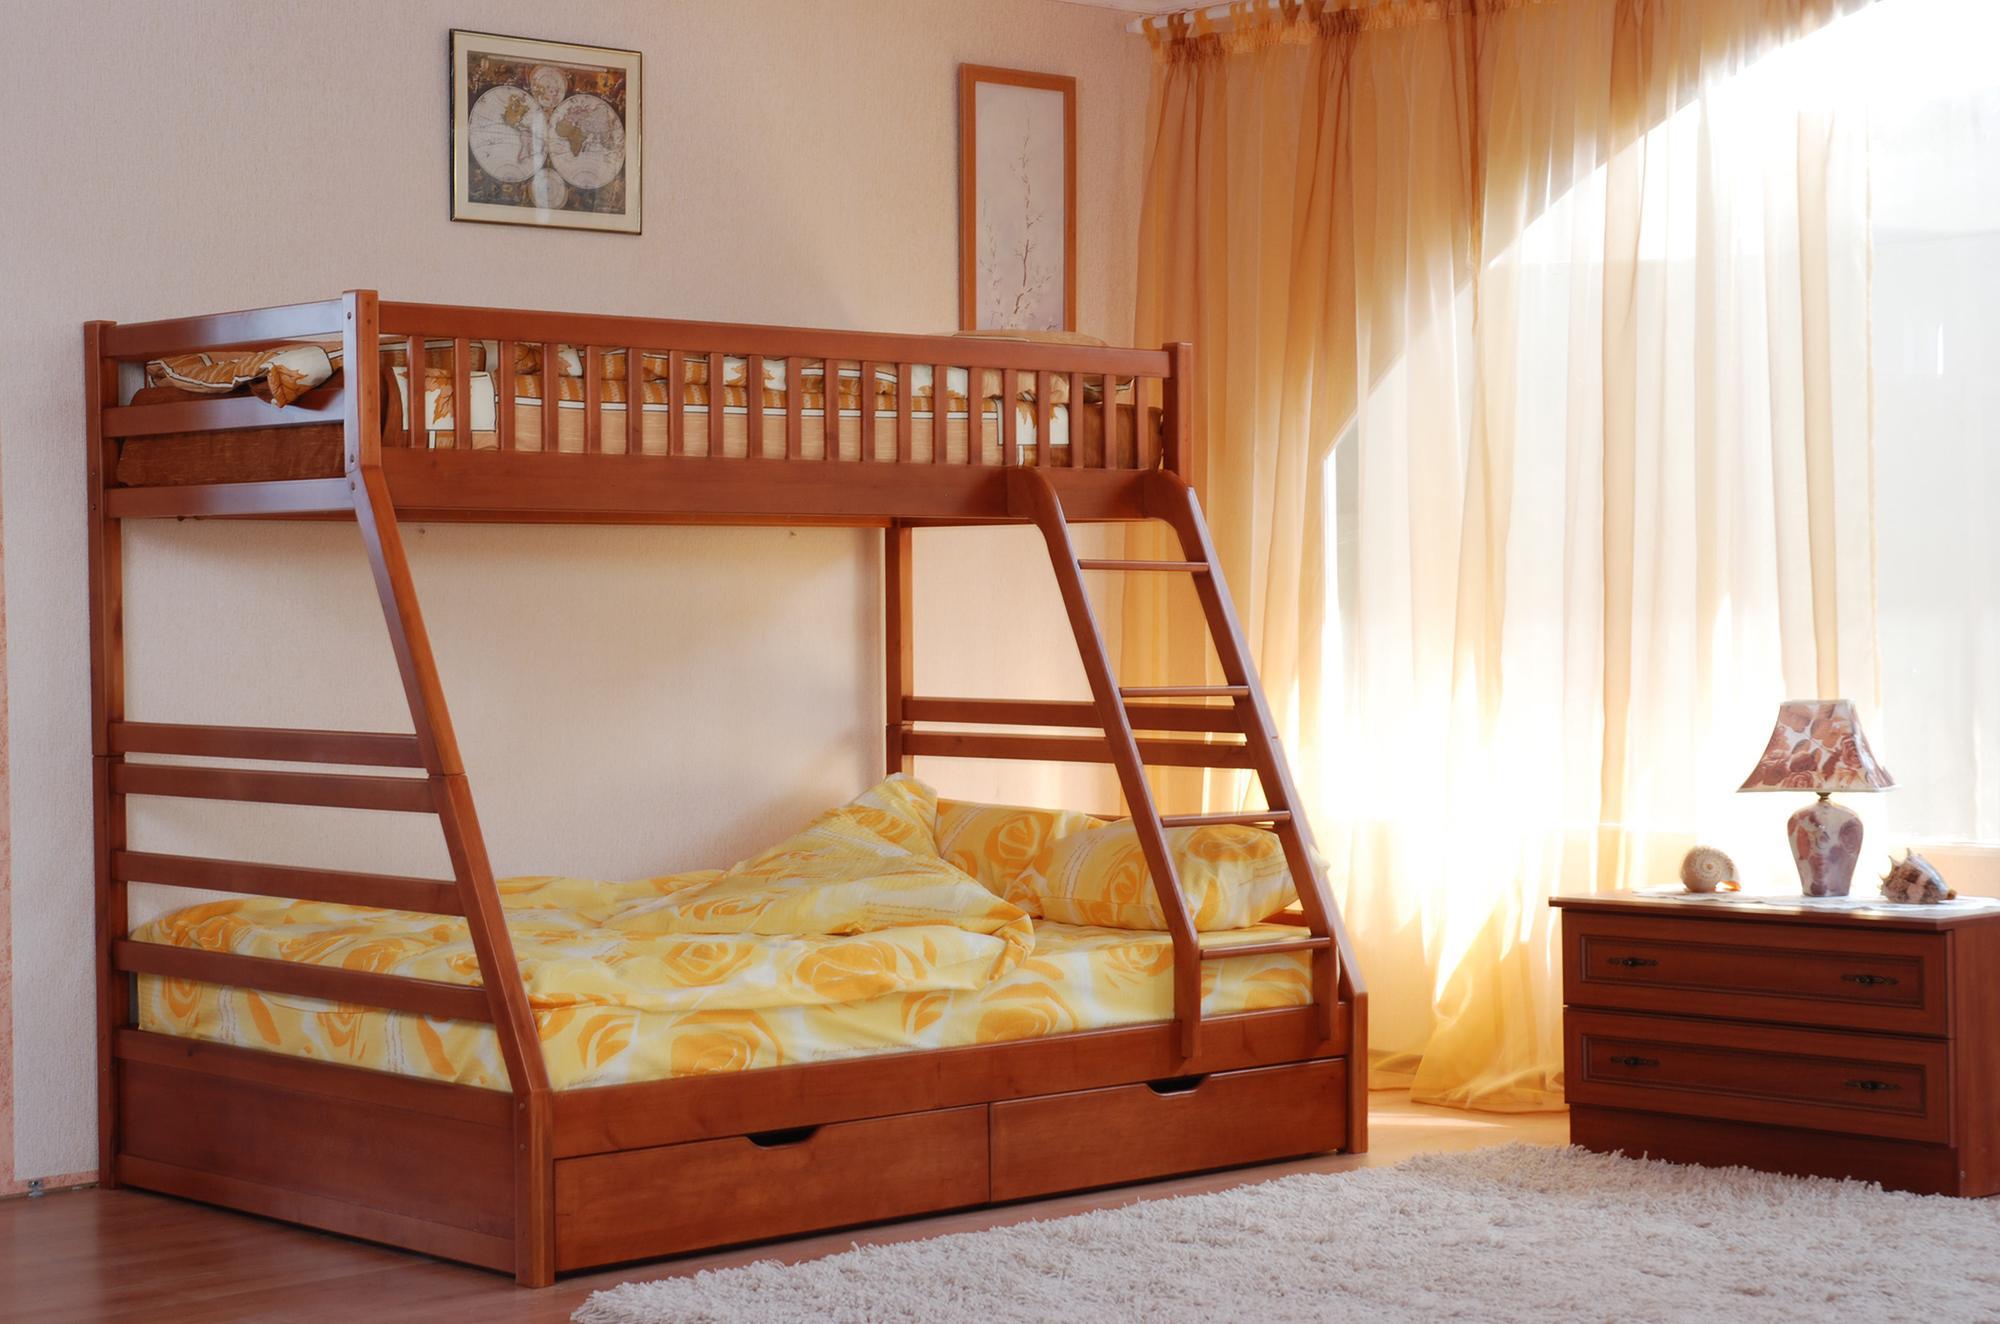 Коричневая двухъярусная кровать с лестницей